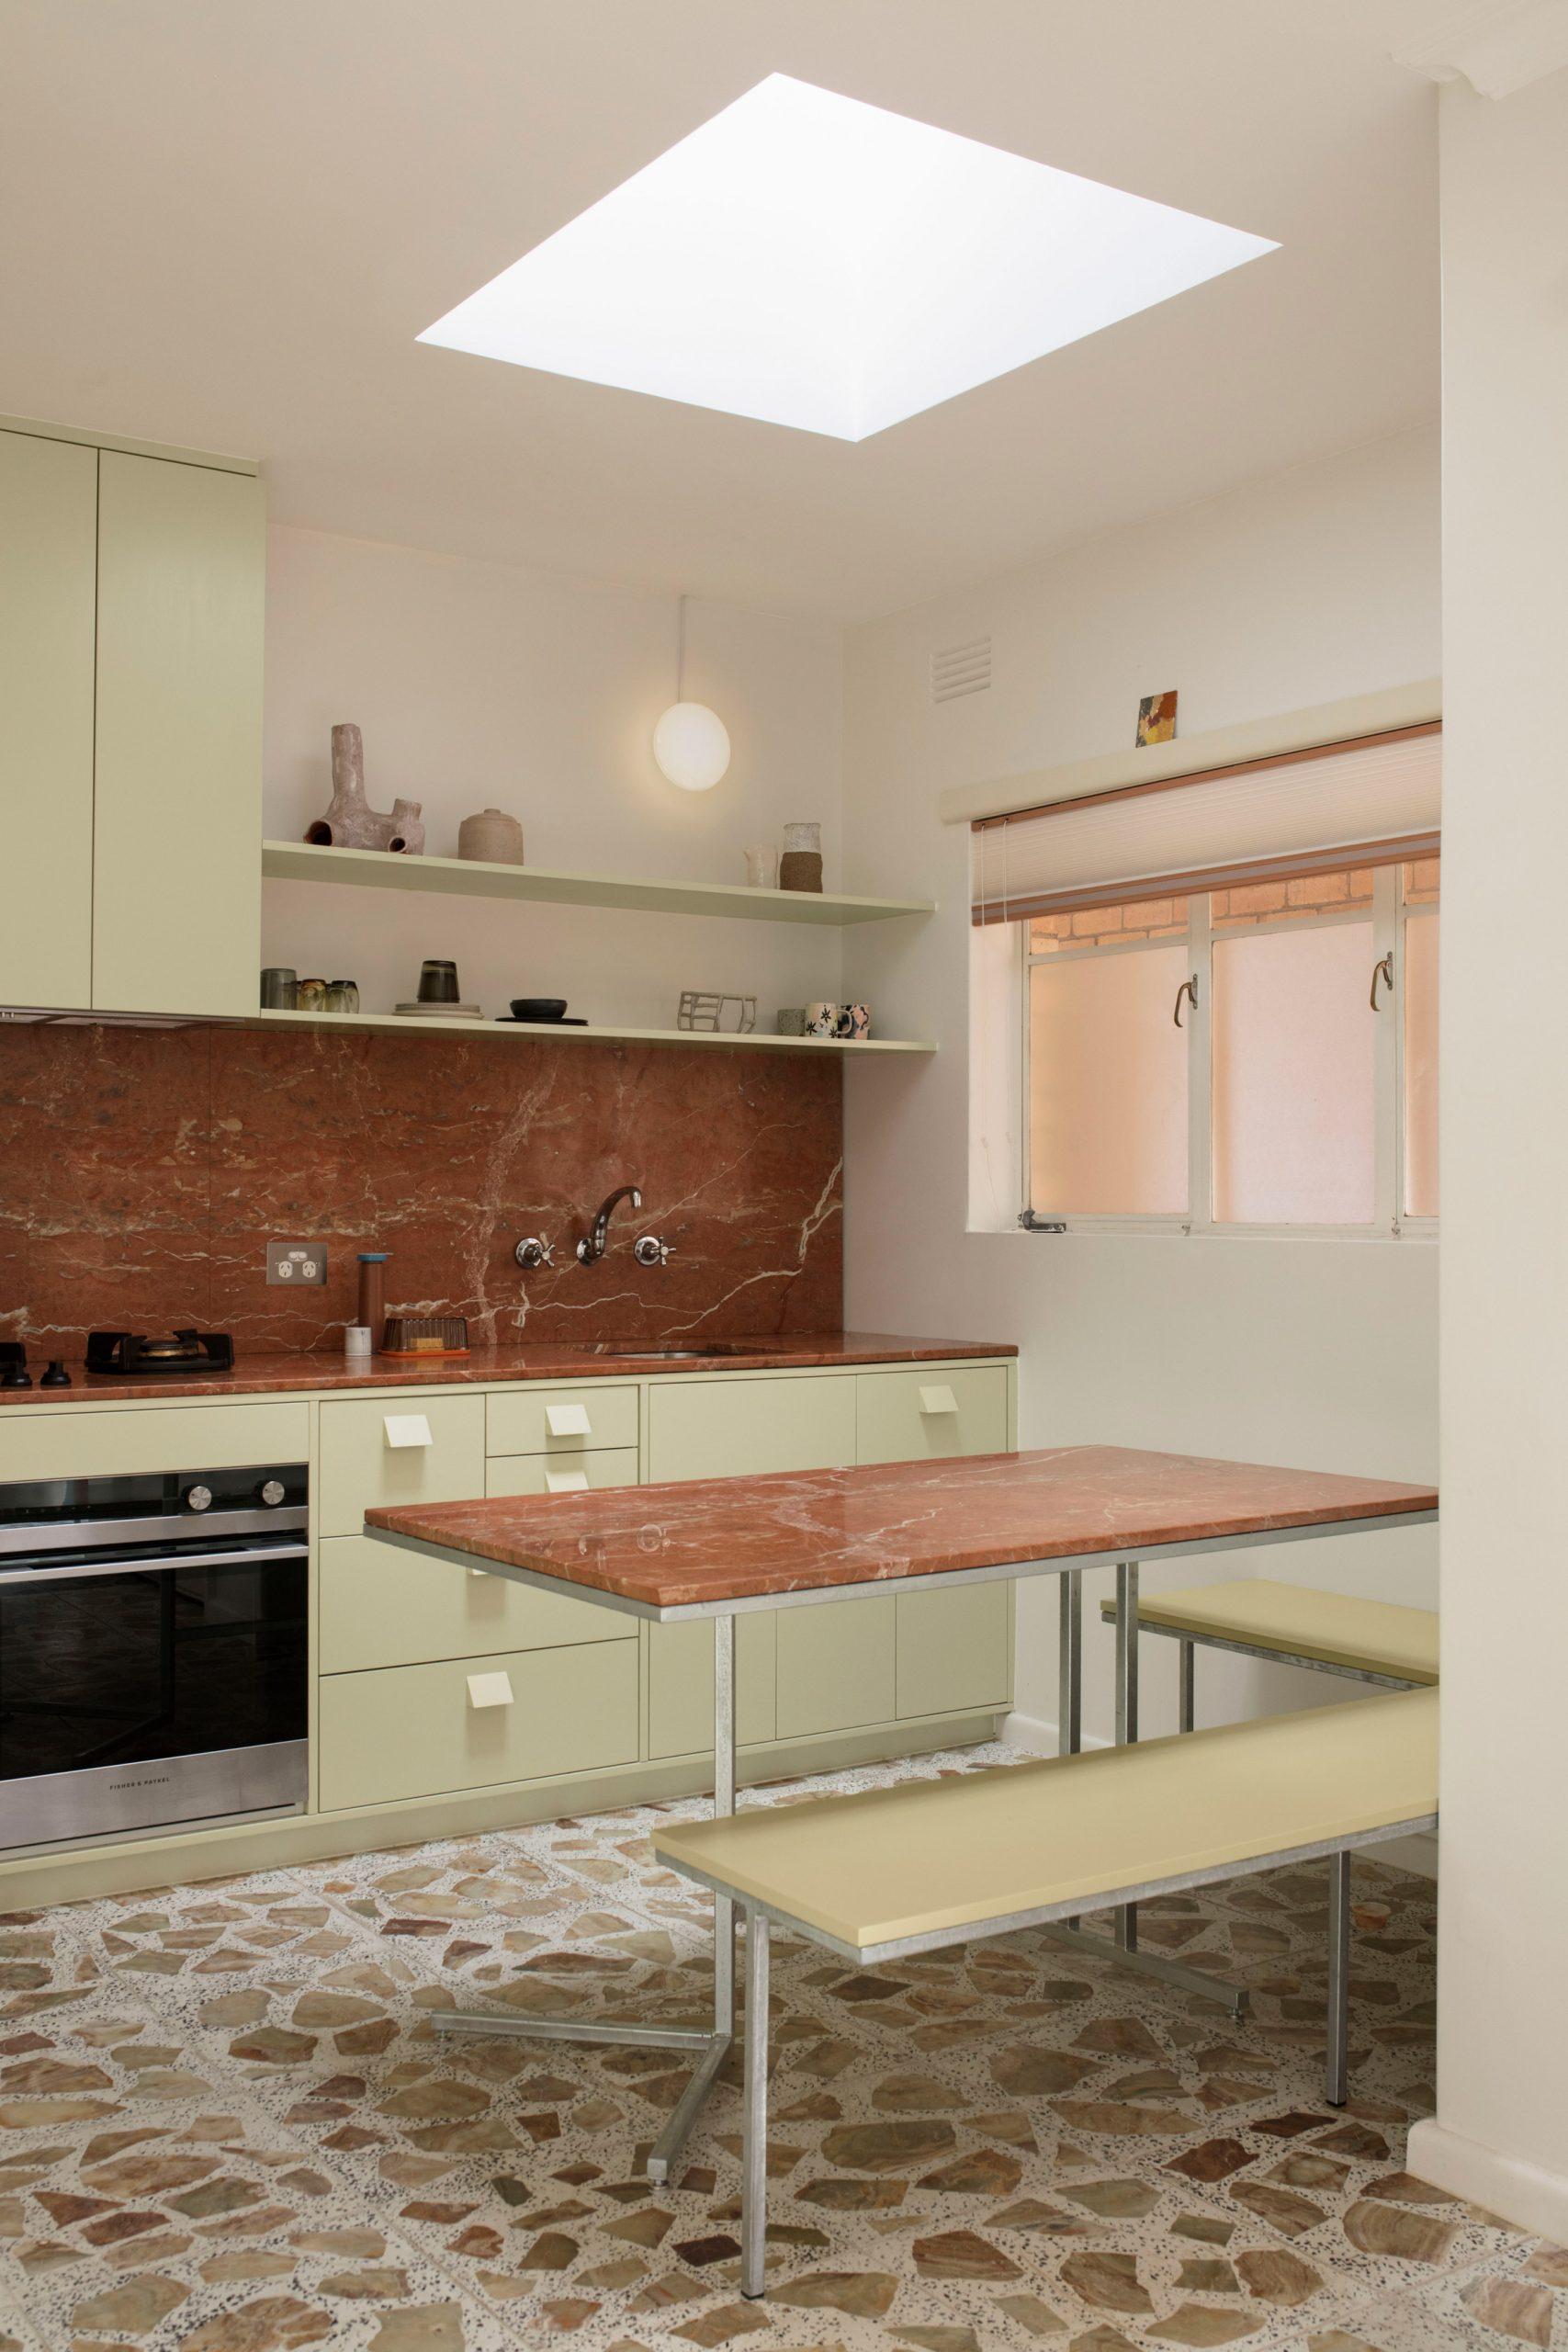 Kitchen with terrazzo floor